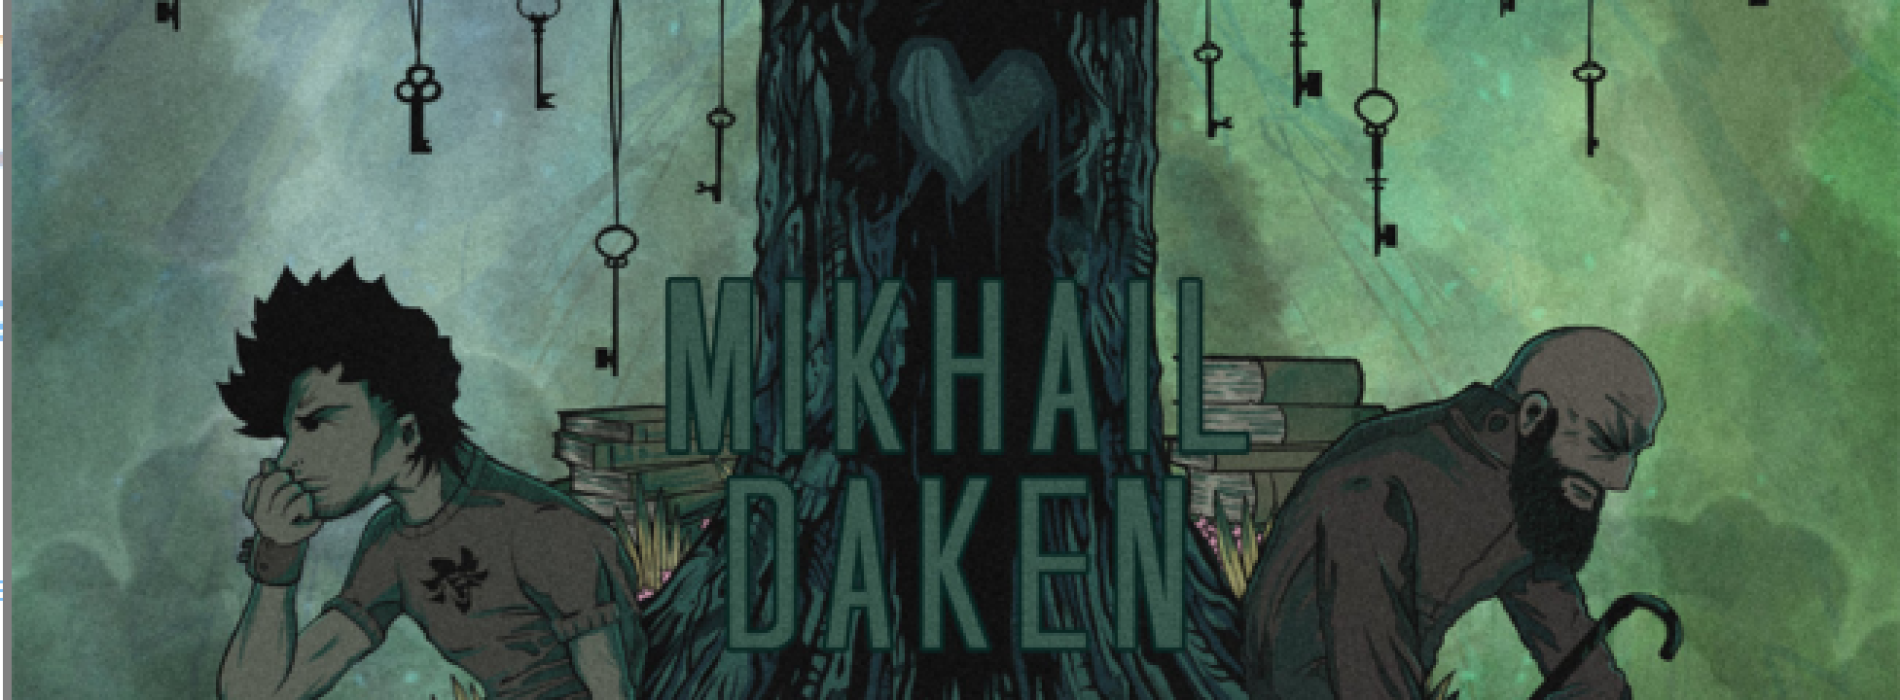 Mikhail Daken: In Case Of Emergency